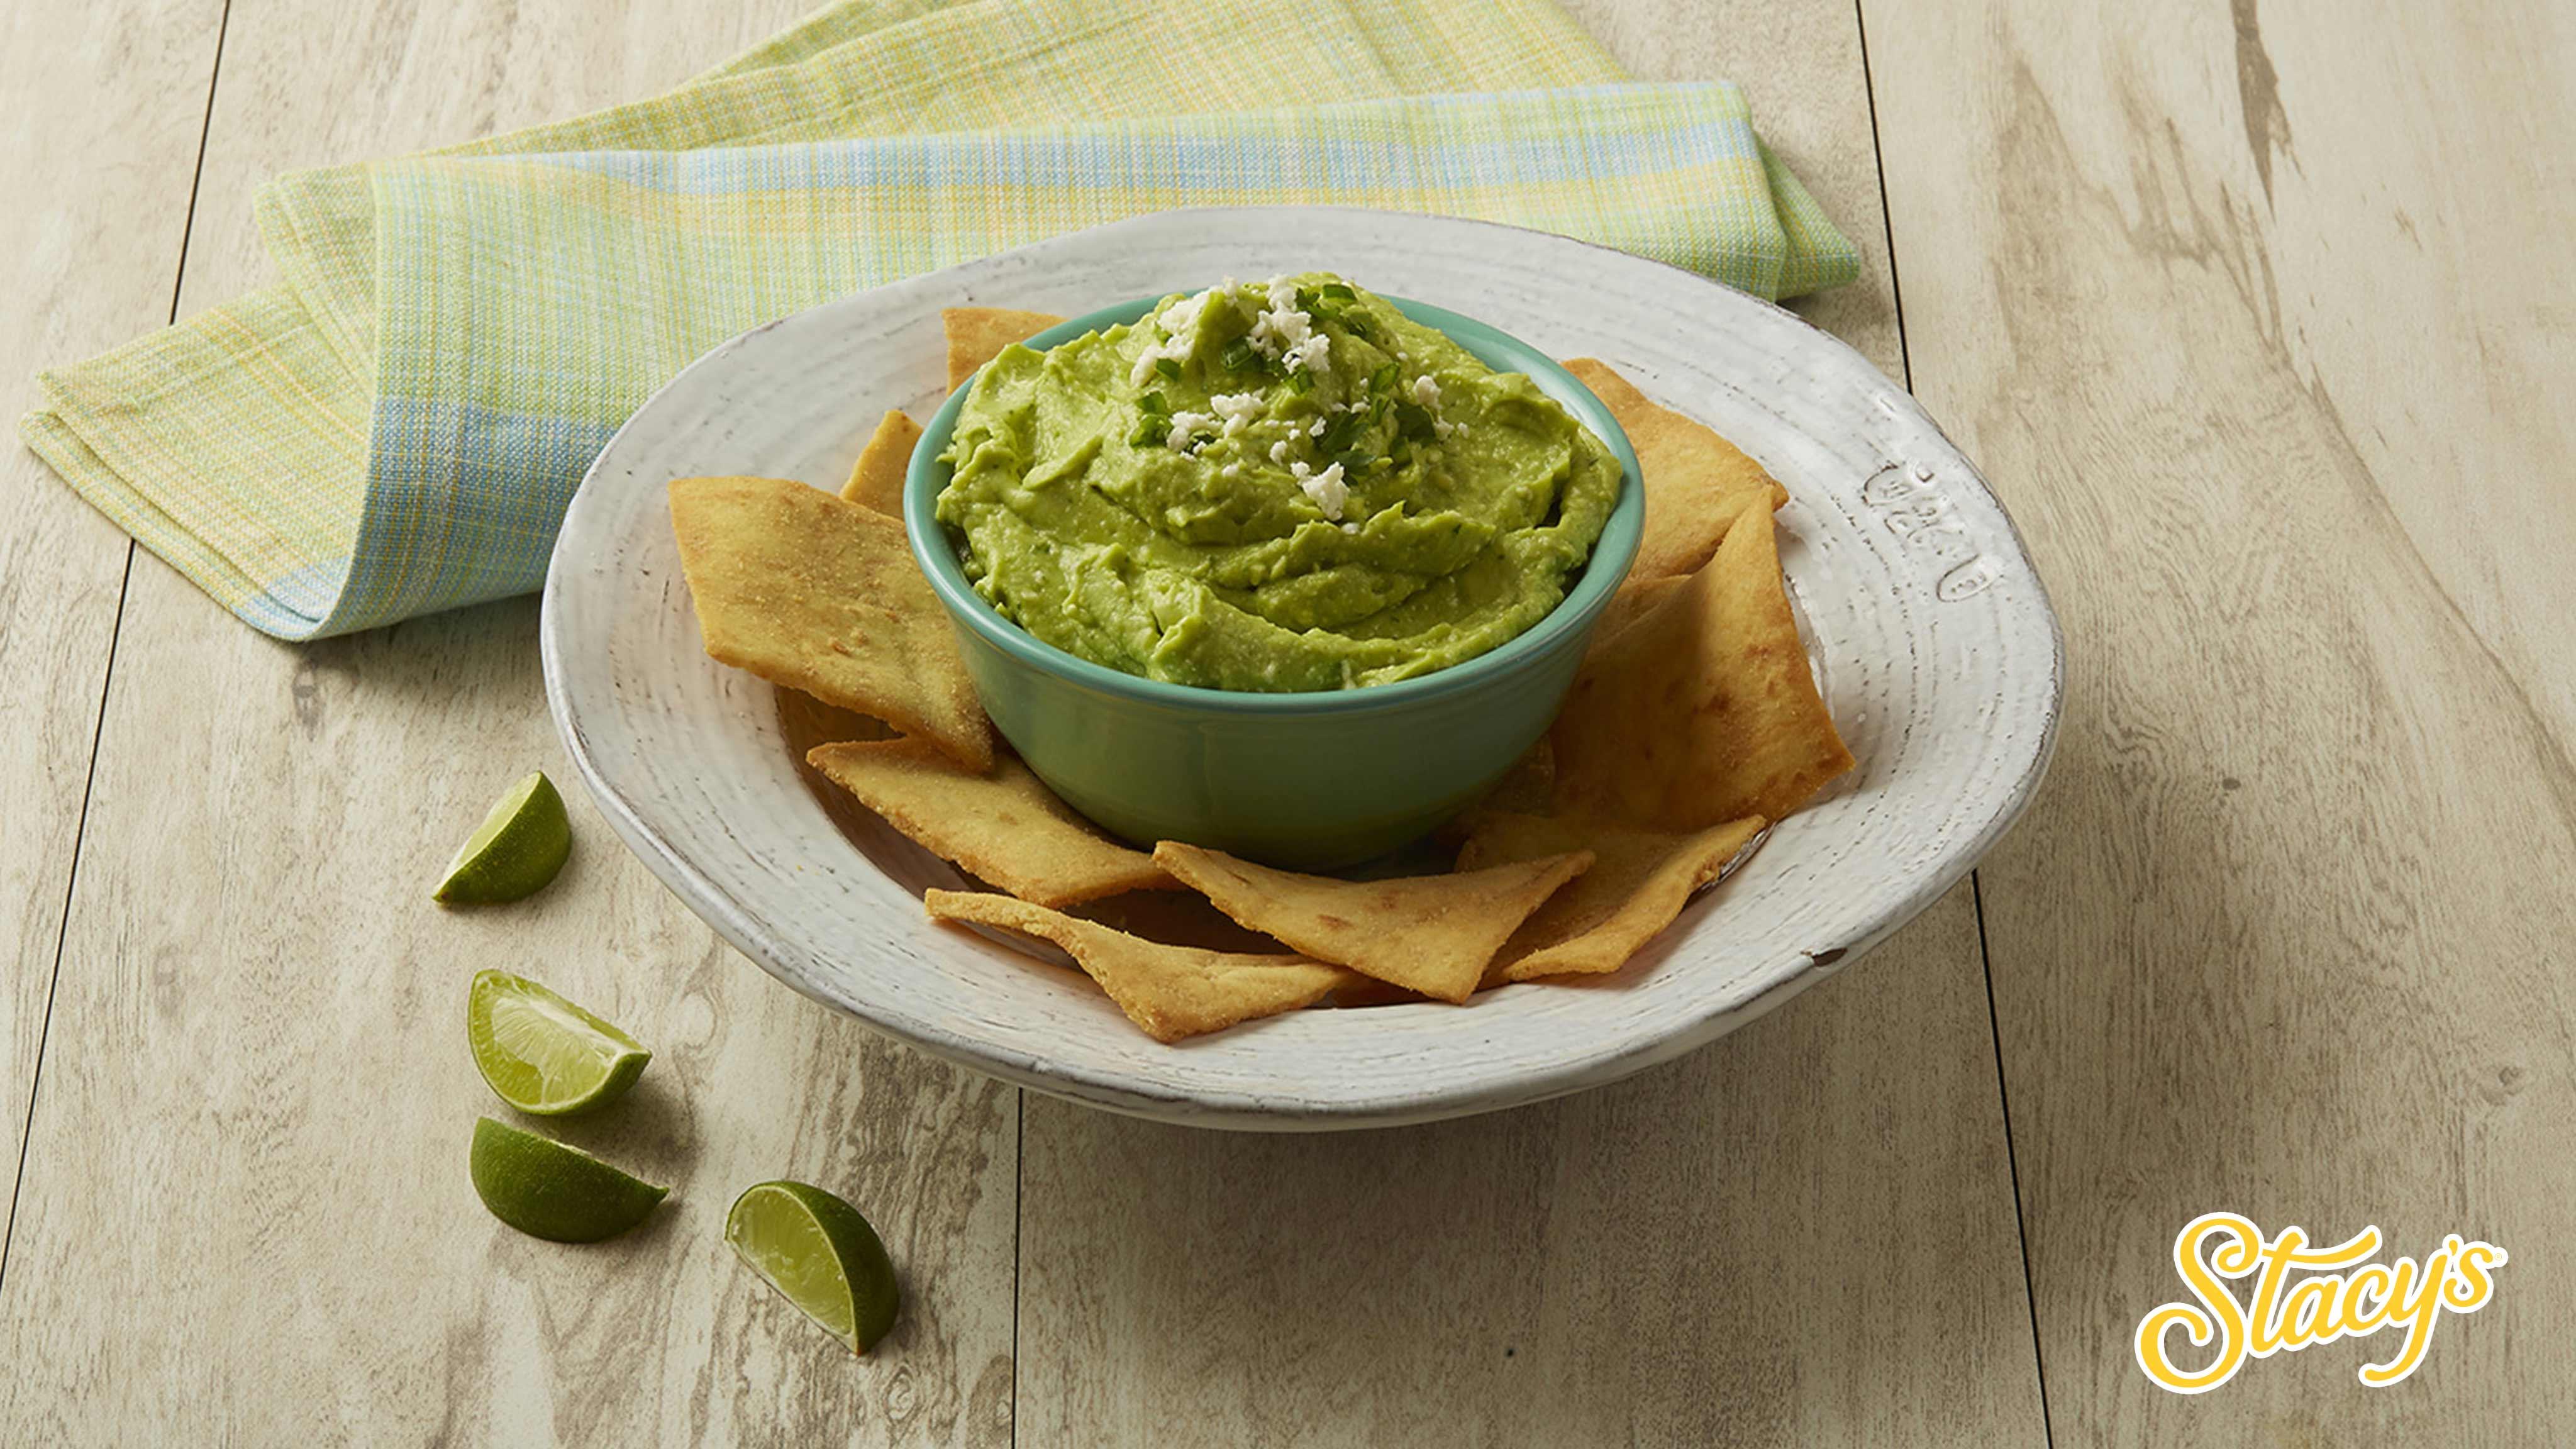 Image for Recipe Avocado Feta Dip